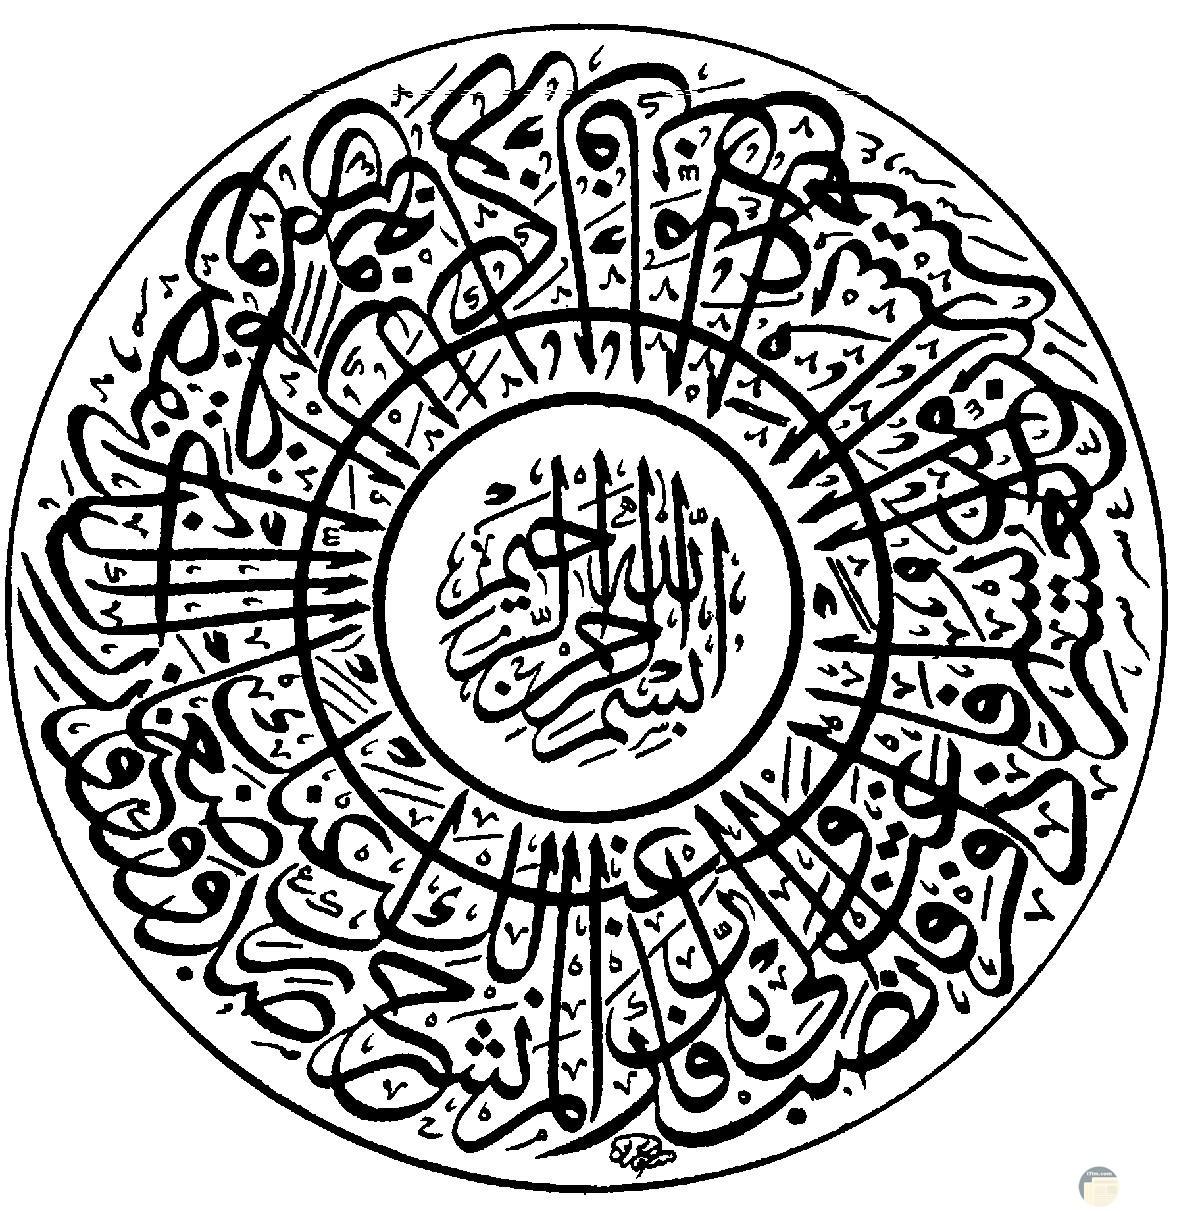 من اروع الرسومات الاسلامية مكتوب عليها عبارات دينية